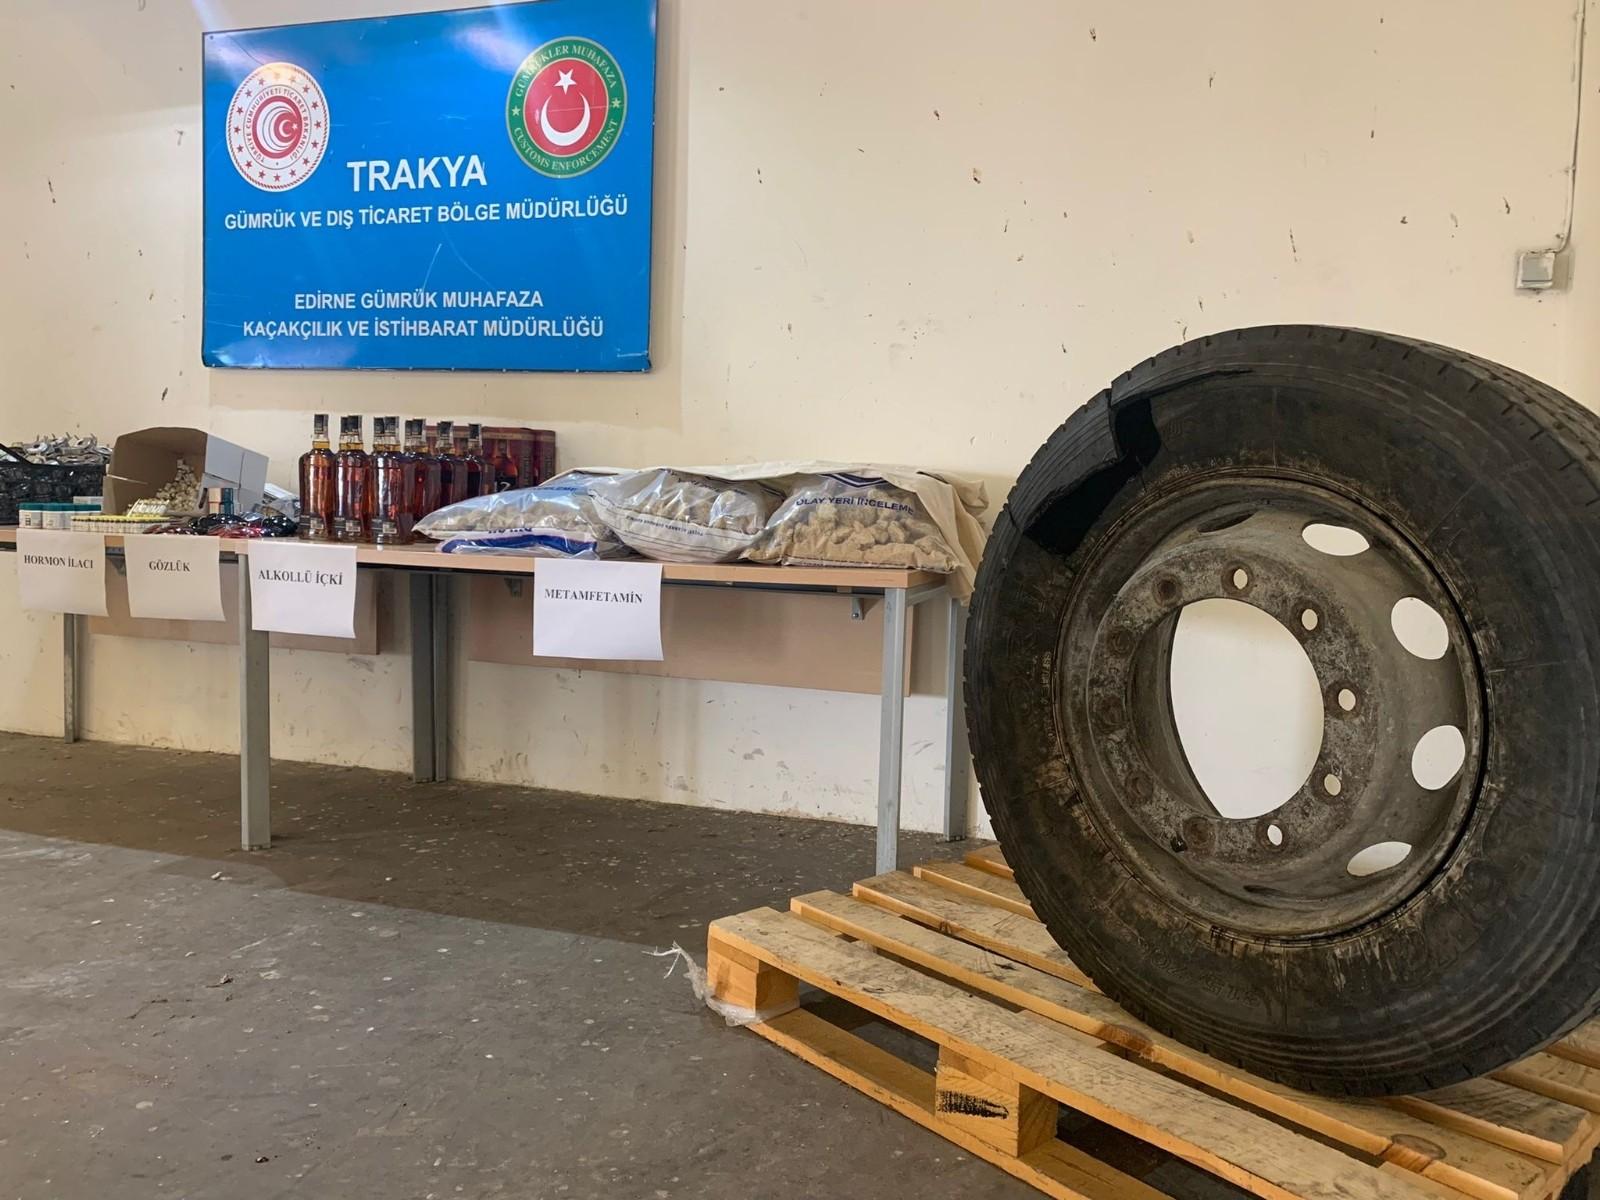 Edirne'de dev kaçakçılık operasyonu